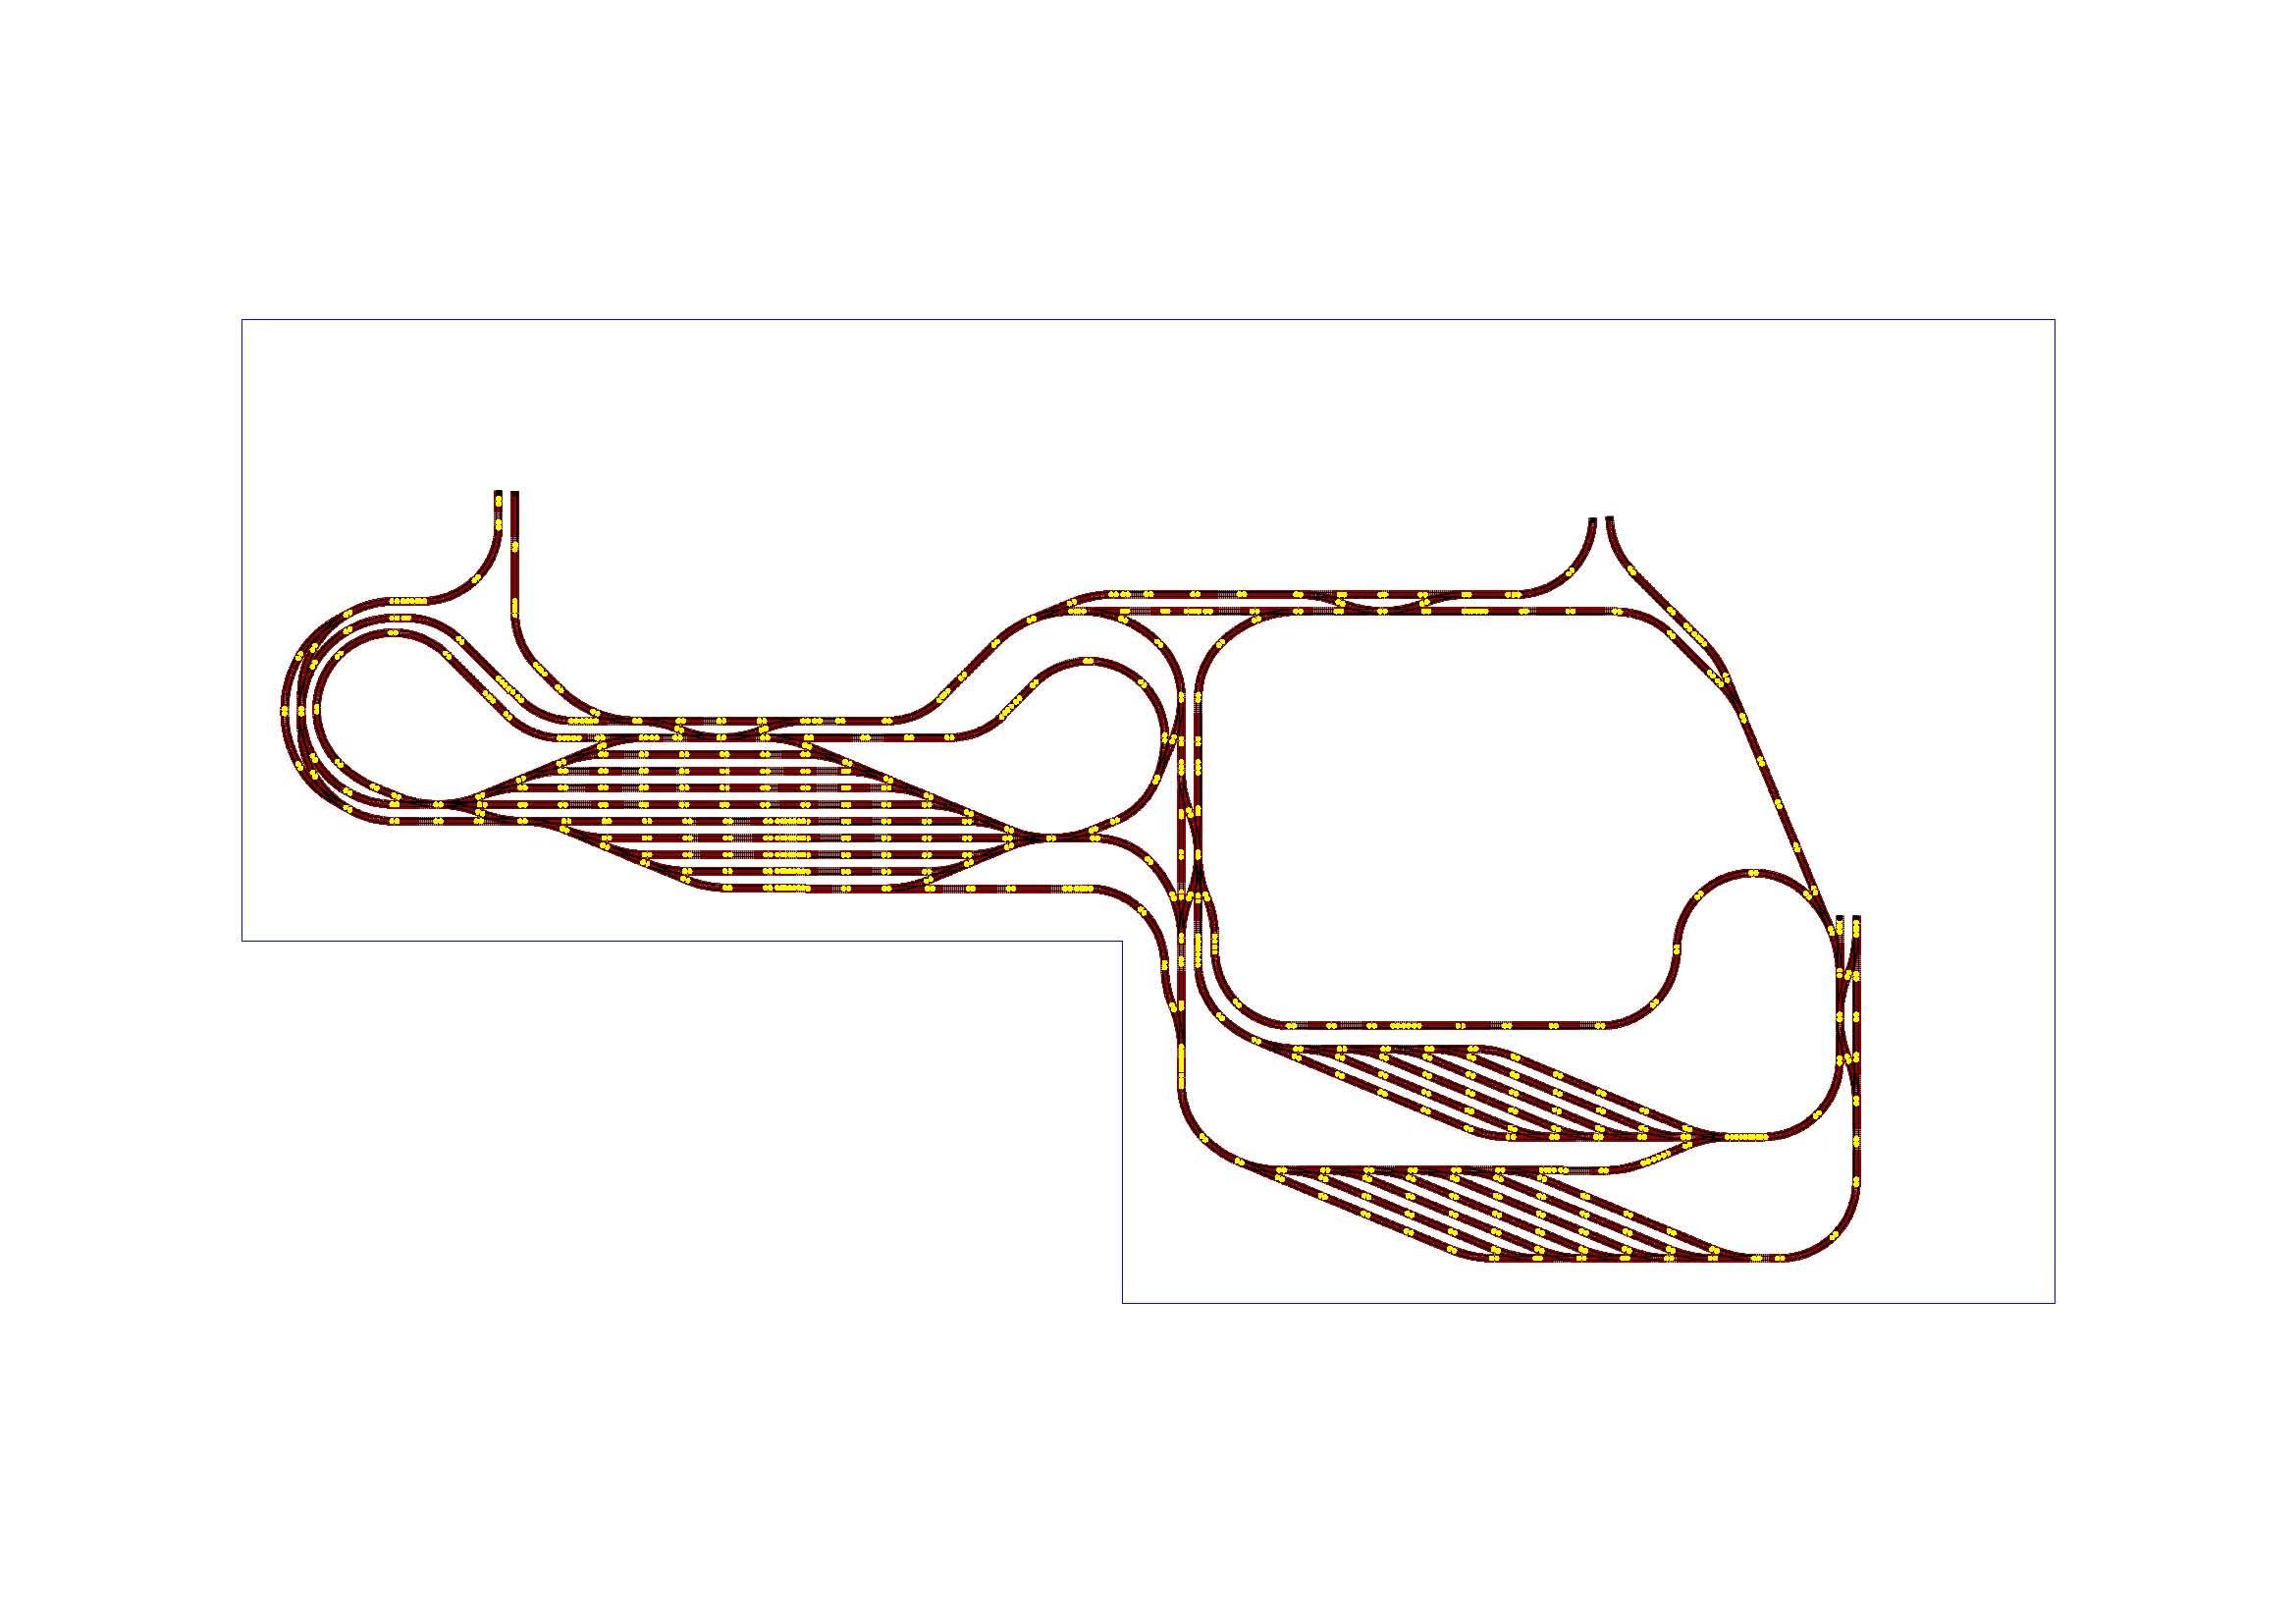 http://www.moba-trickkiste.de/components/com_agora/img/members/242/Schattenbahnhof---Version-02.jpg